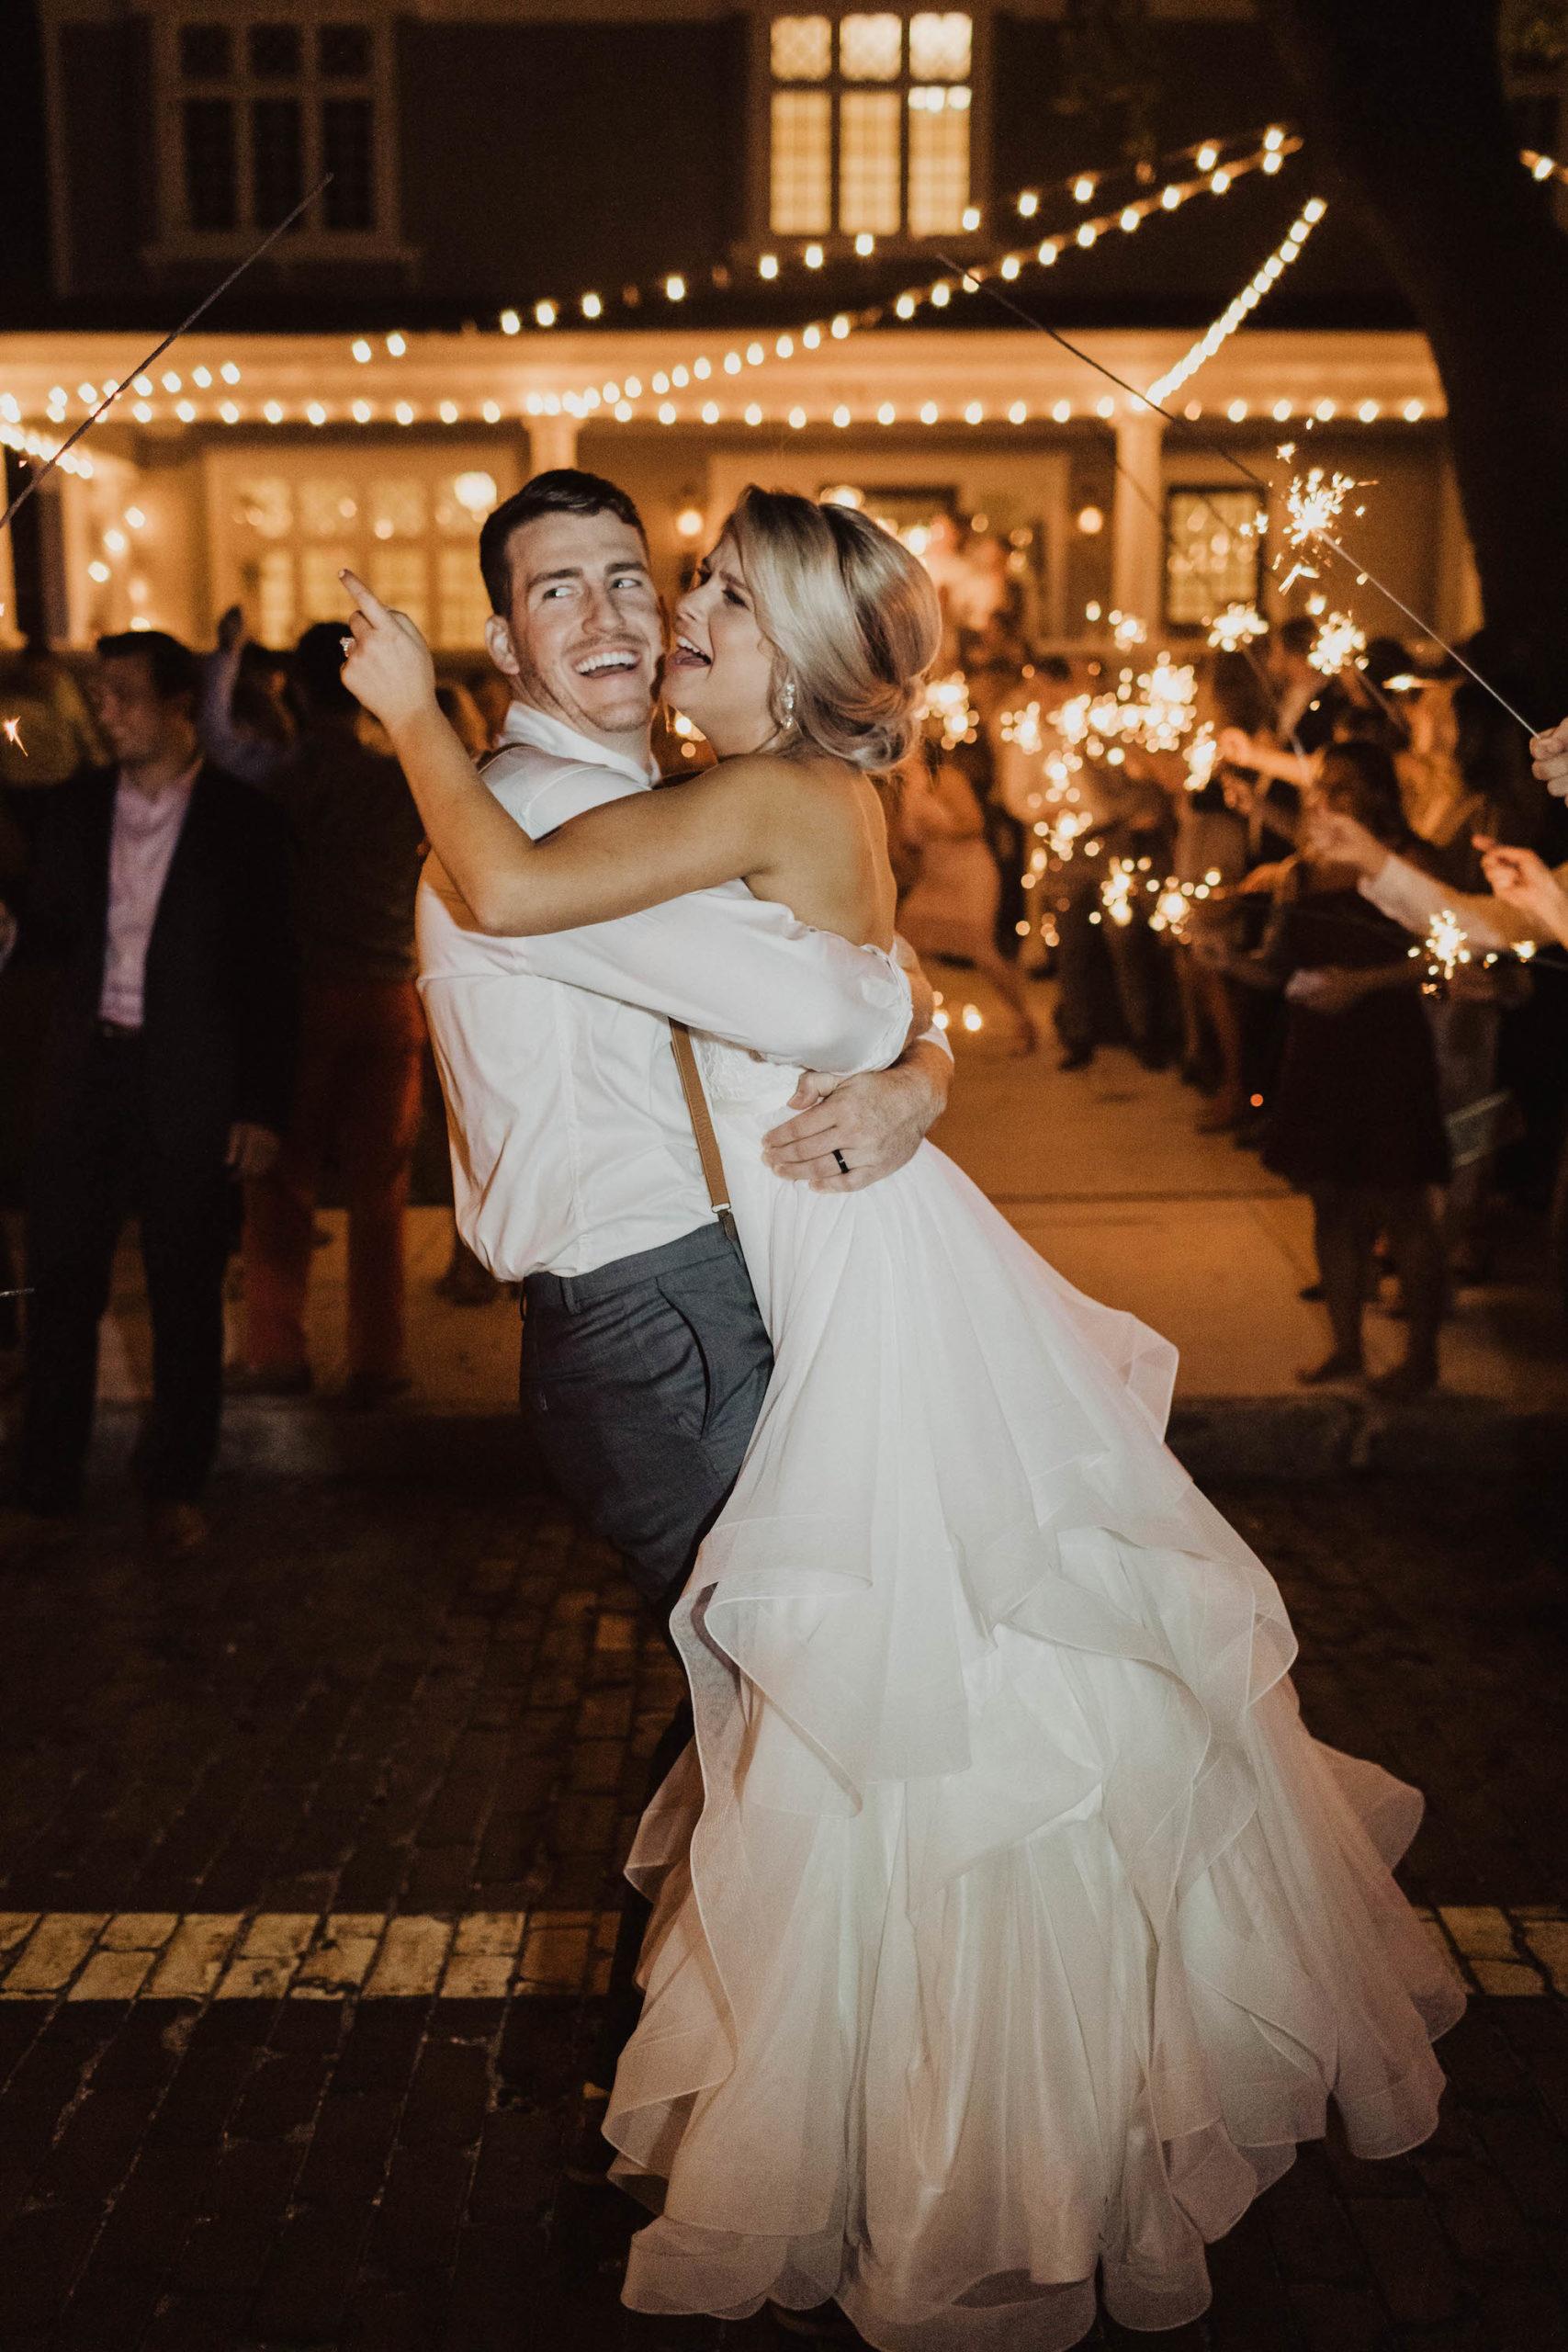 Fun Bride and Groom Sparkler Wedding Reception Send-Off Portrait | Tampa Bay Wedding Venue The Orlo